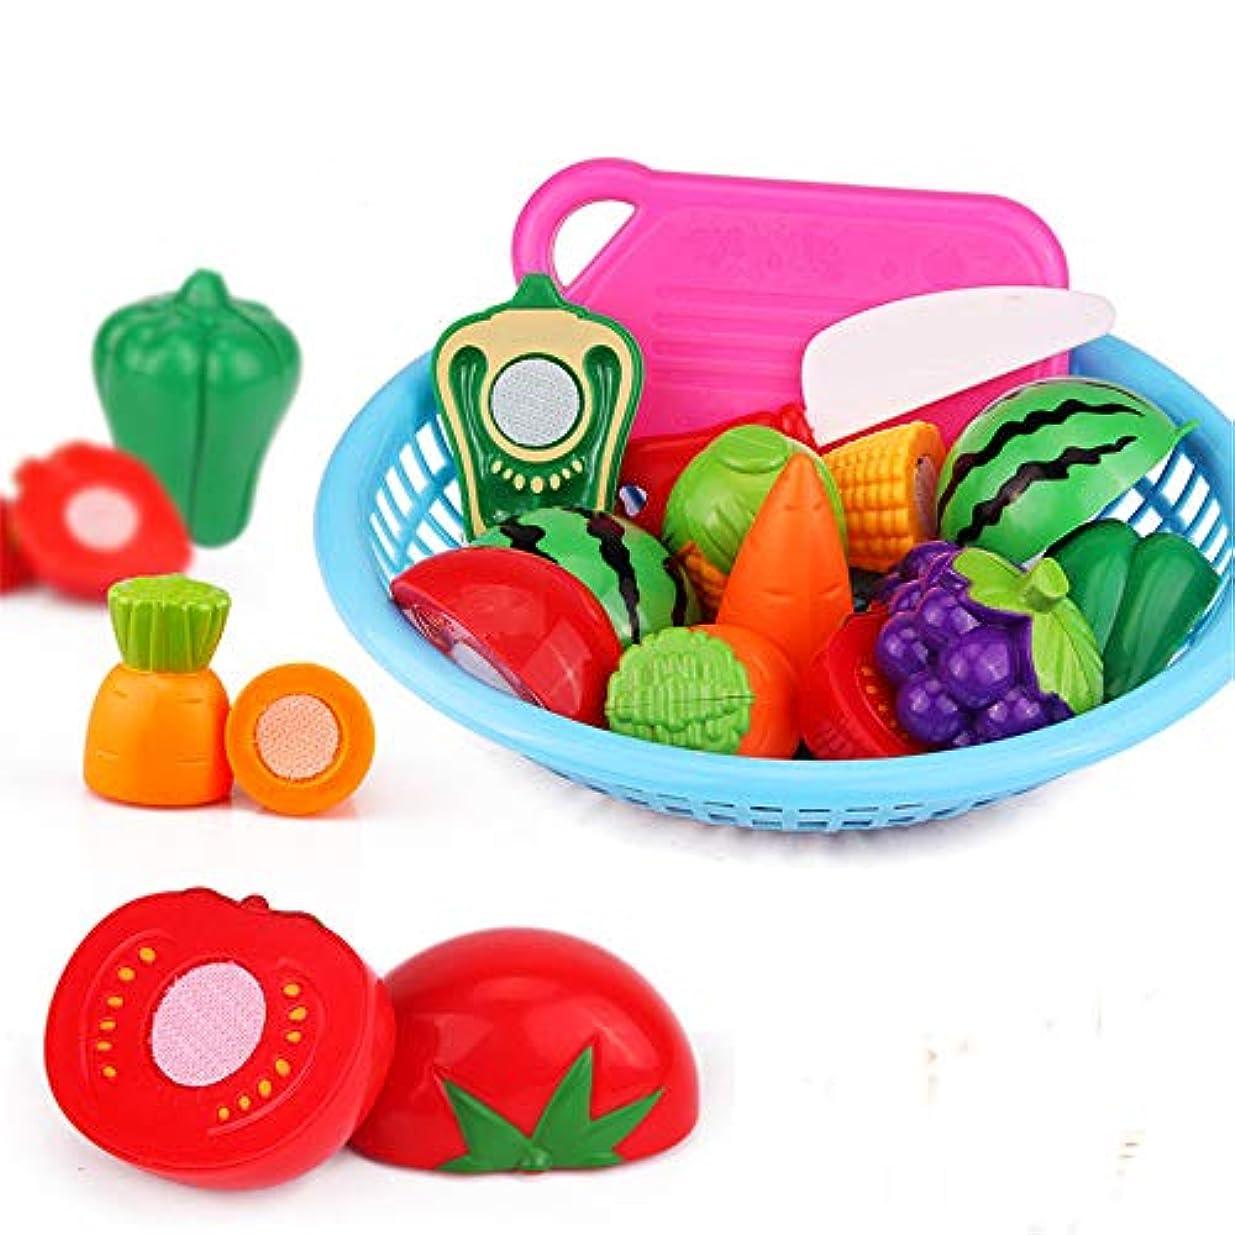 時々時々季節飛行場赤ちゃんおもちゃ 子供 知育玩具 子供向けフードセットプラスチックカット果物と野菜のふりをする教育用おもちゃセット果物と野菜の楽しみふりをする安全で無毒 男の子 女の子 誕生日のプレゼント